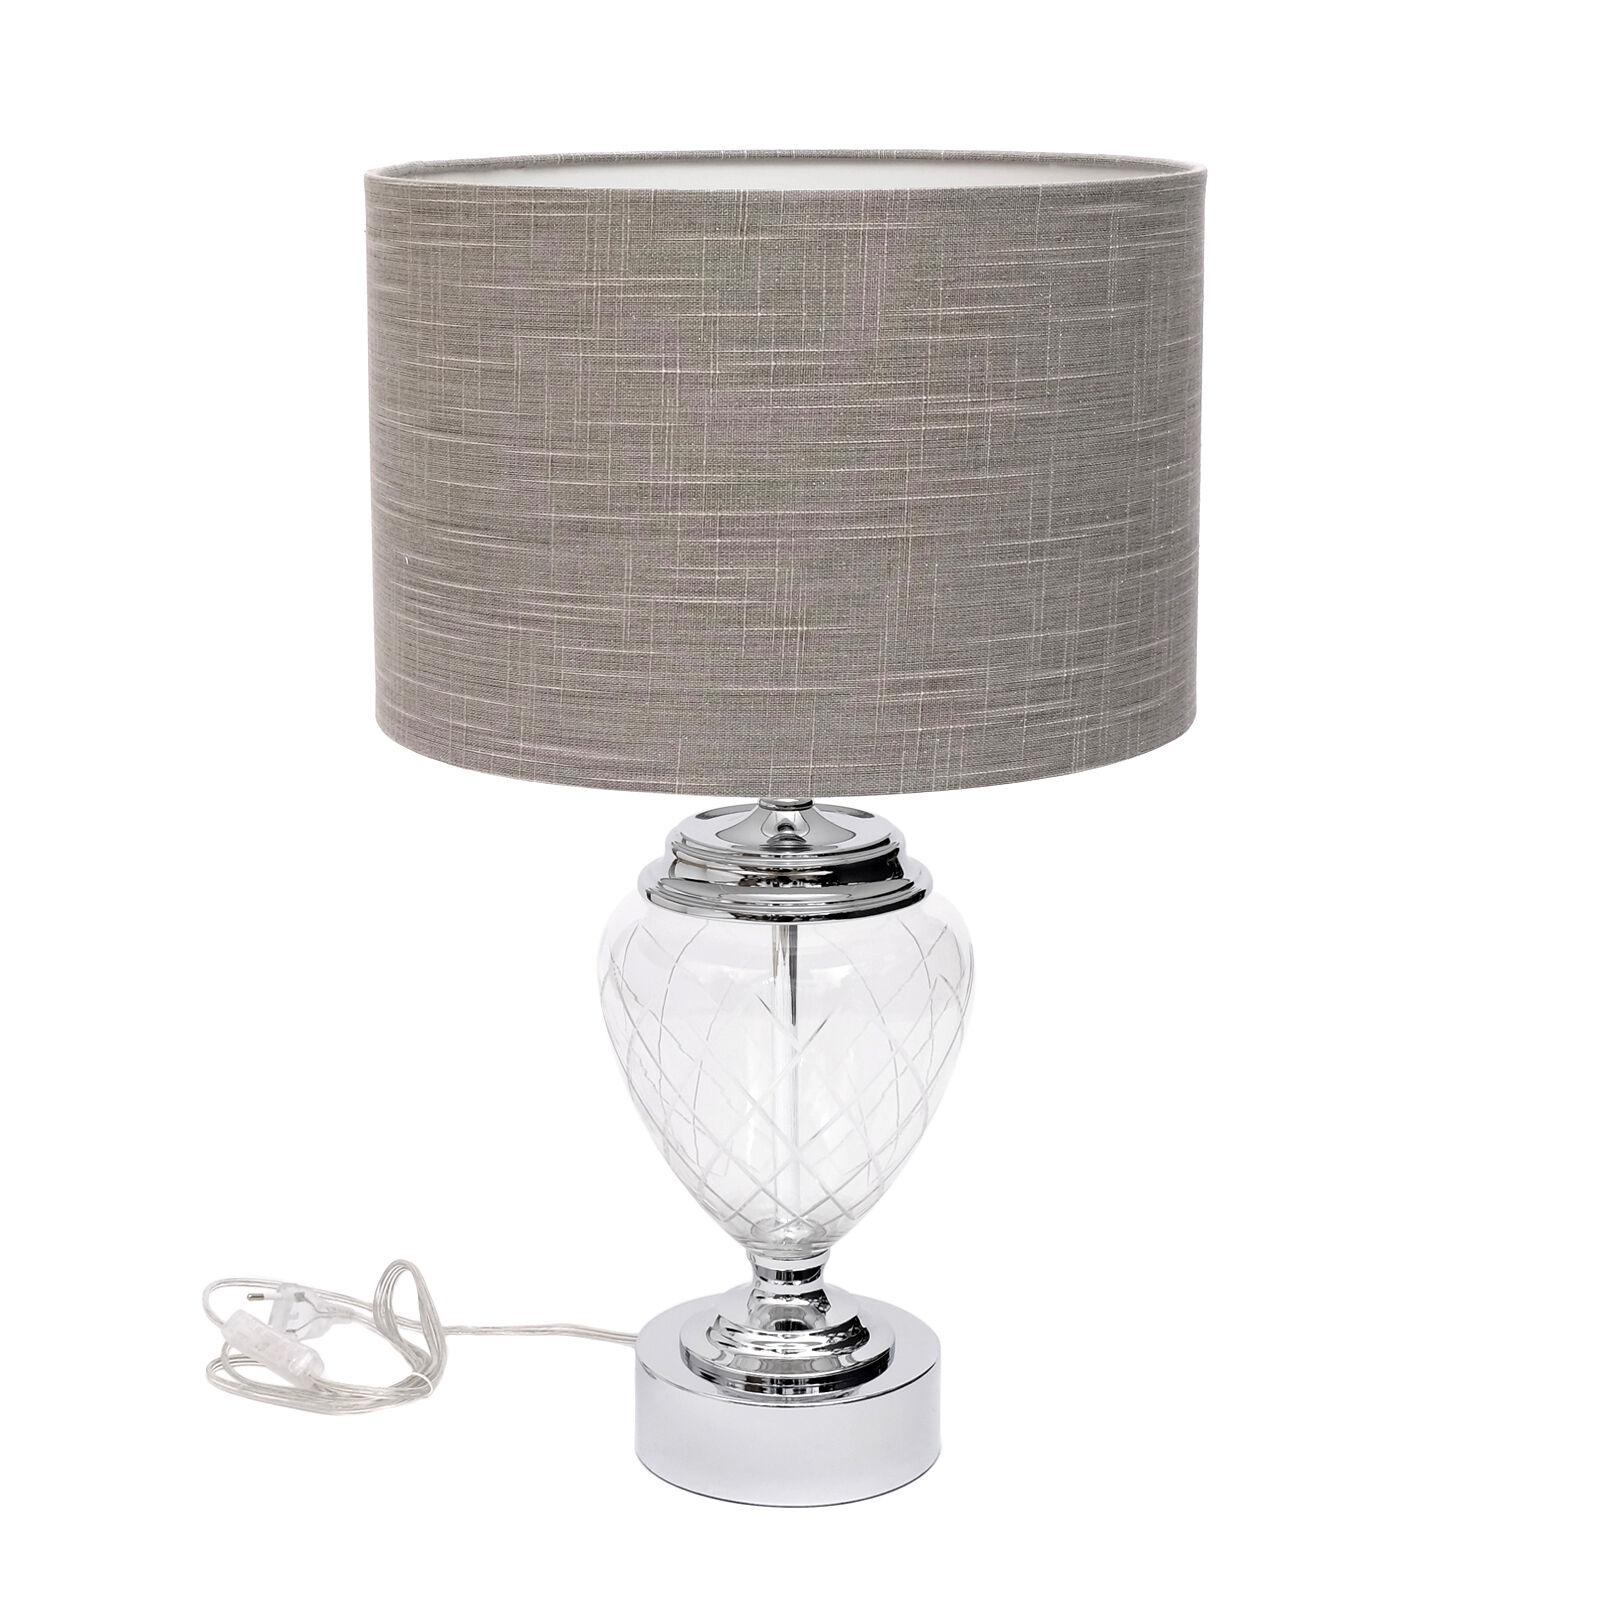 Design Lampe de de de chevet Lampe de table métal boite verre Lamp abat-jour tissu | Aspect Attrayant  1ab11d